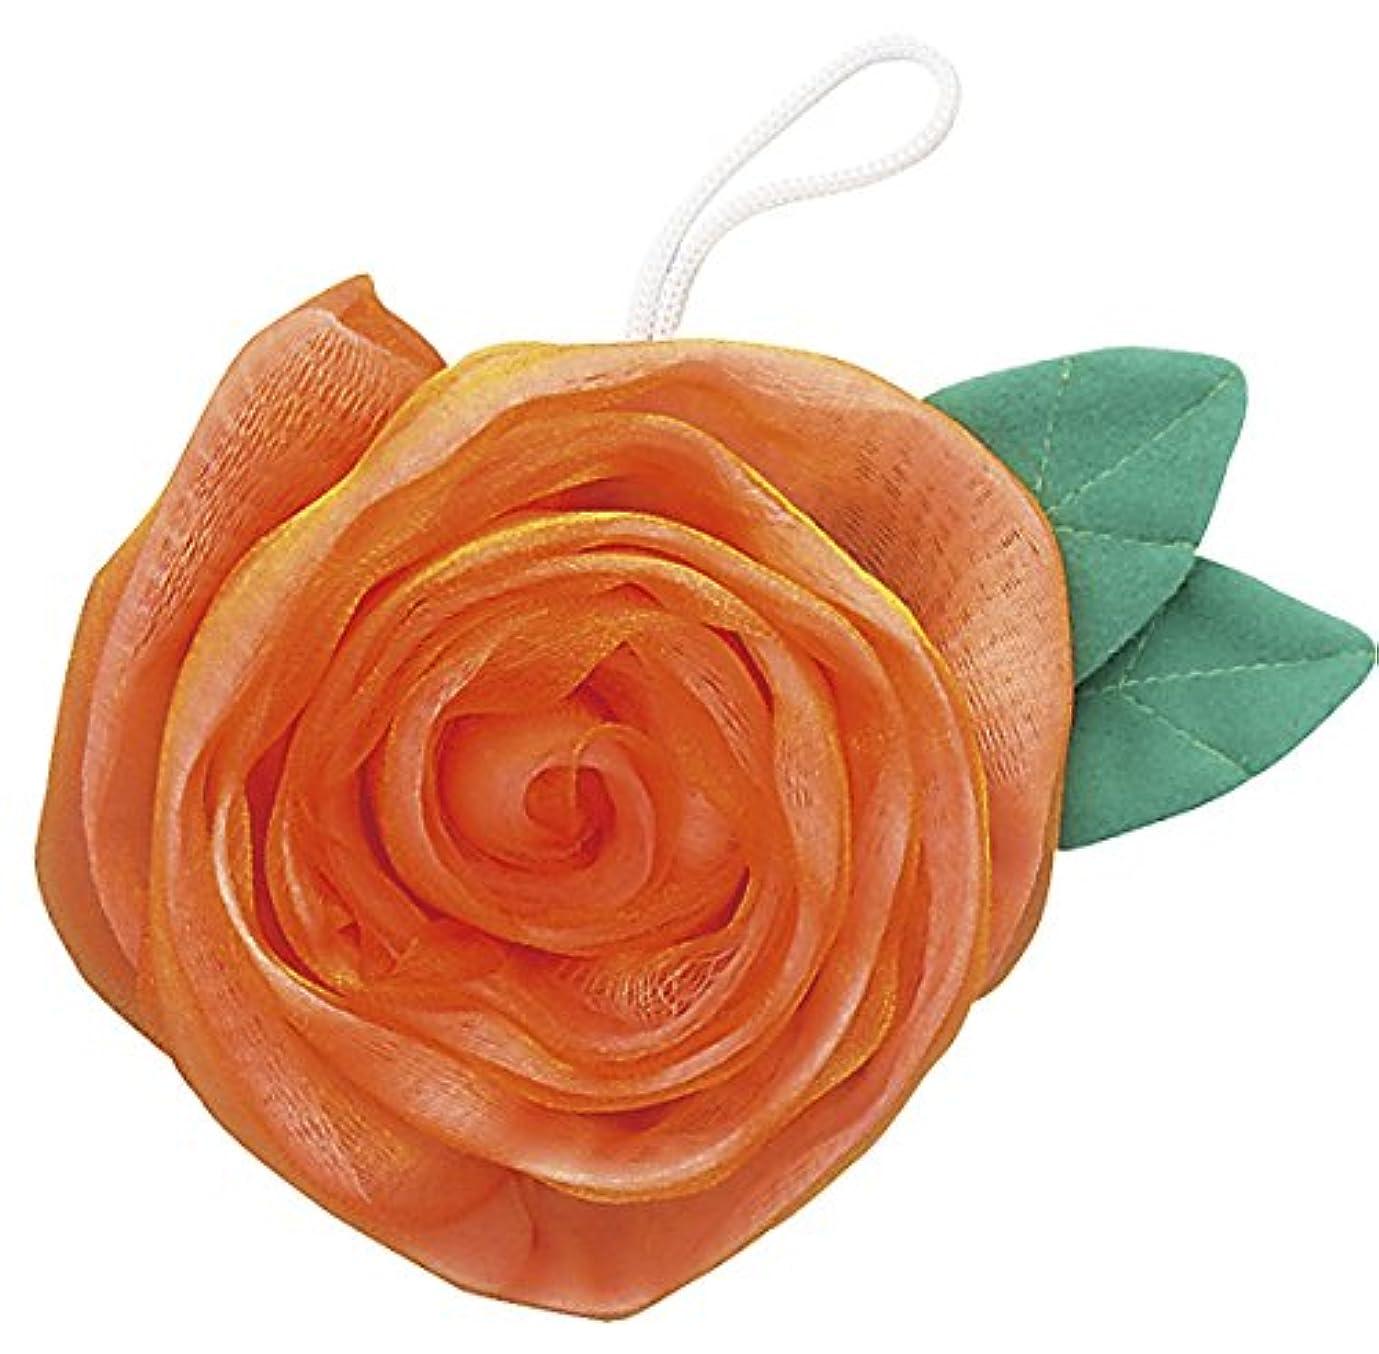 してはいけません作ります結晶フジインターナショナル エレガントローズ 薔薇のボディスポンジ ゴールド BS-G